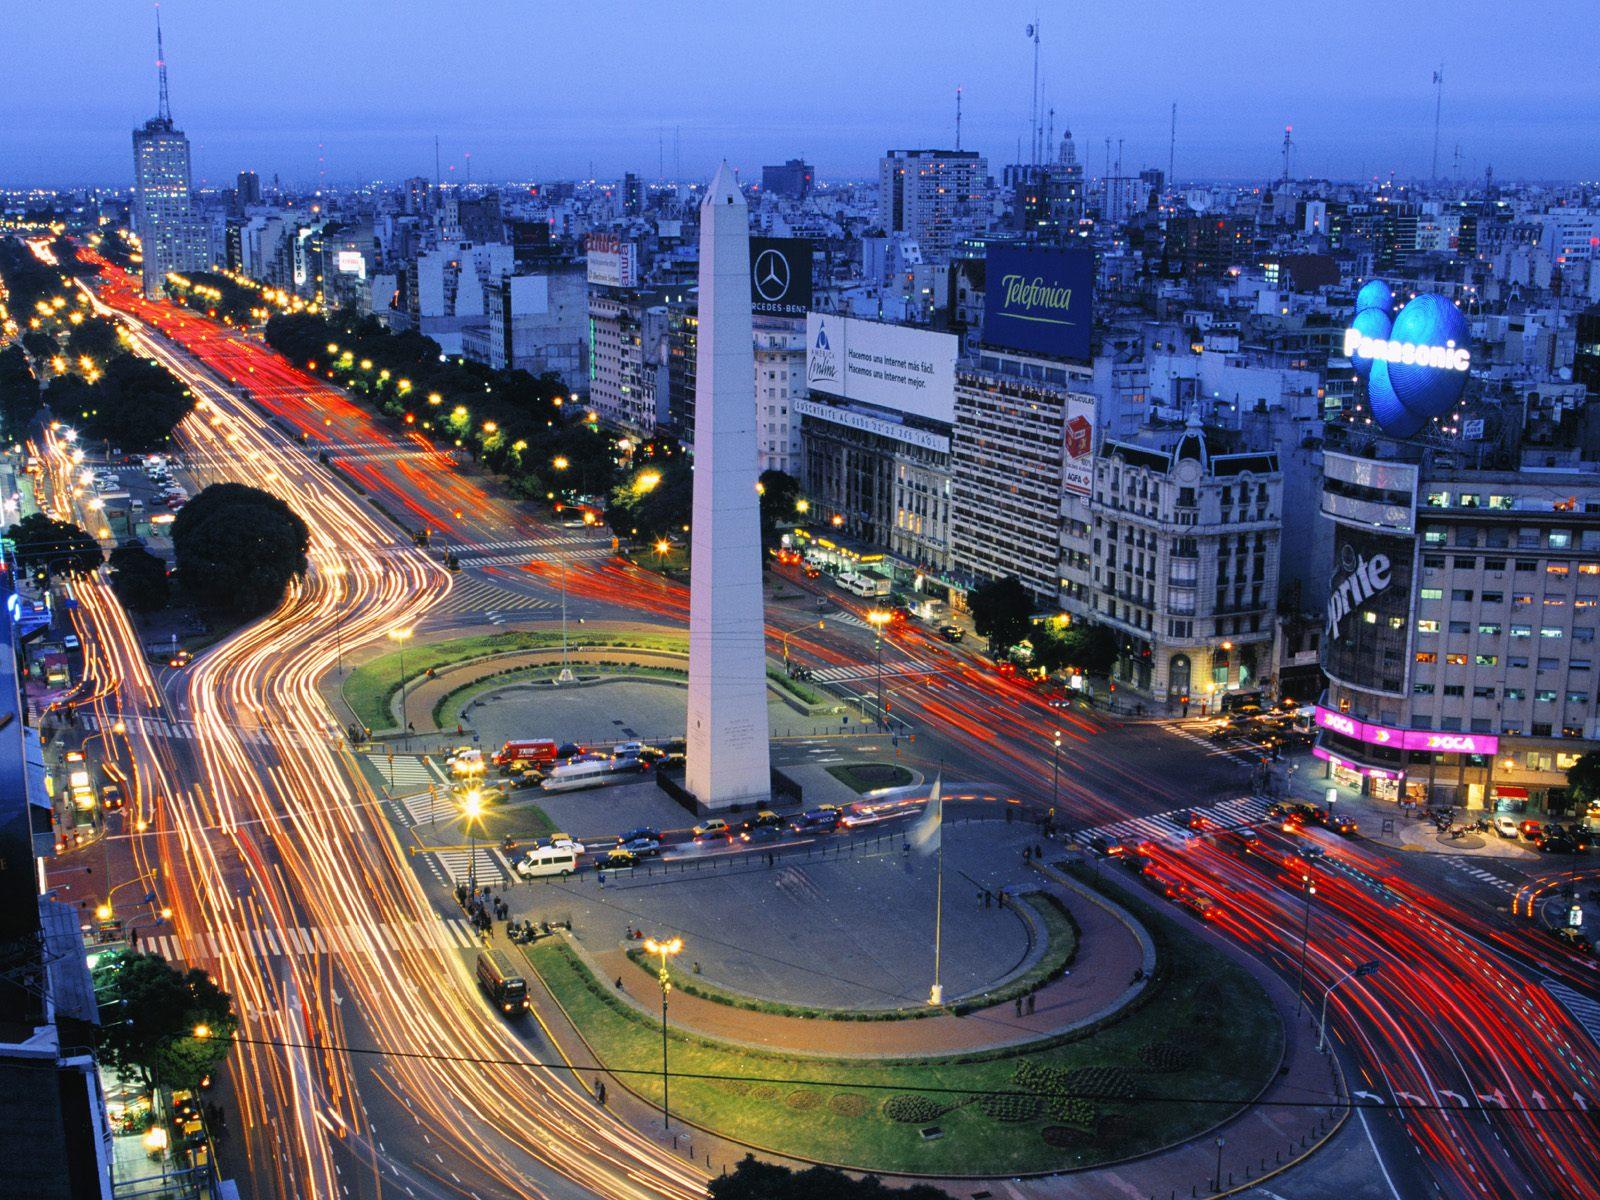 galeria argentina4